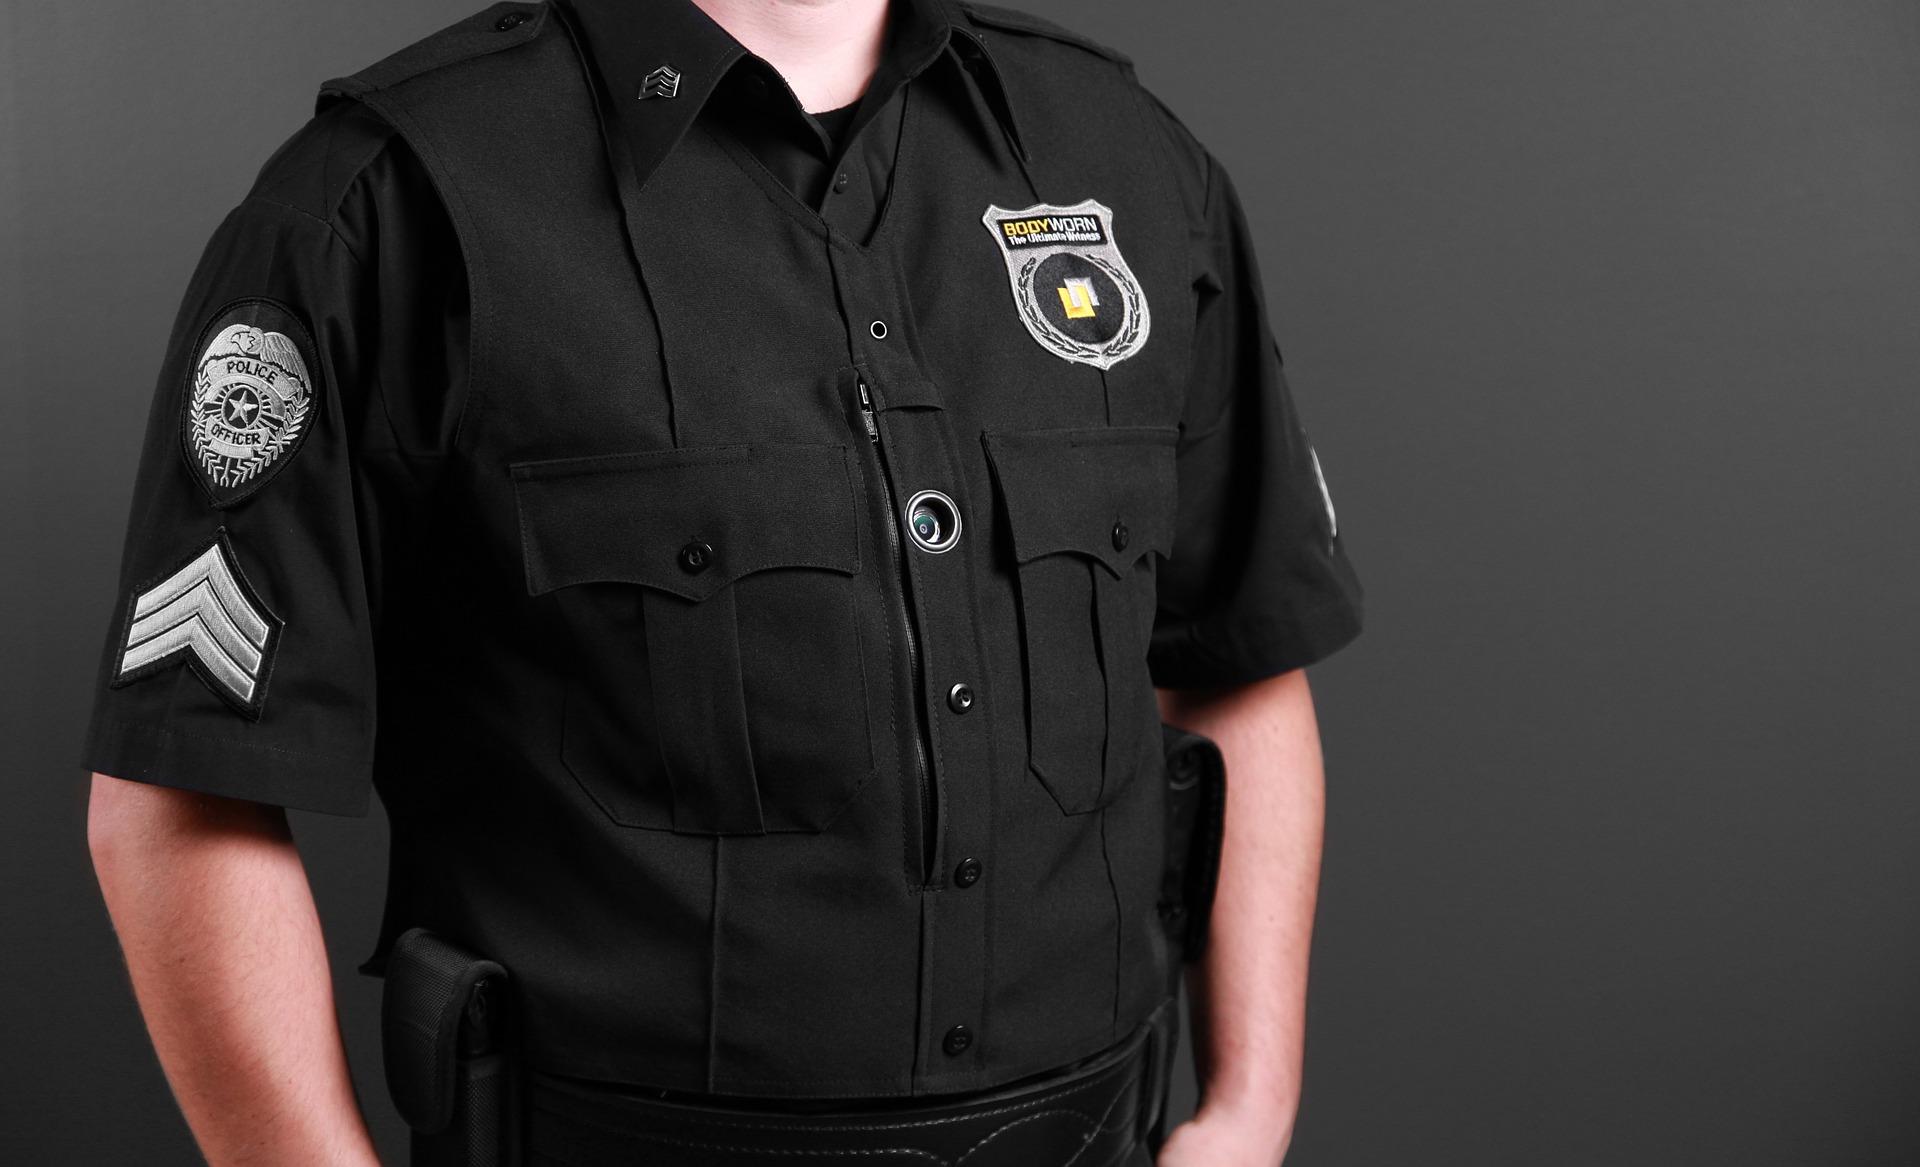 Agent se sécurité et de surveillance en uniforme noir